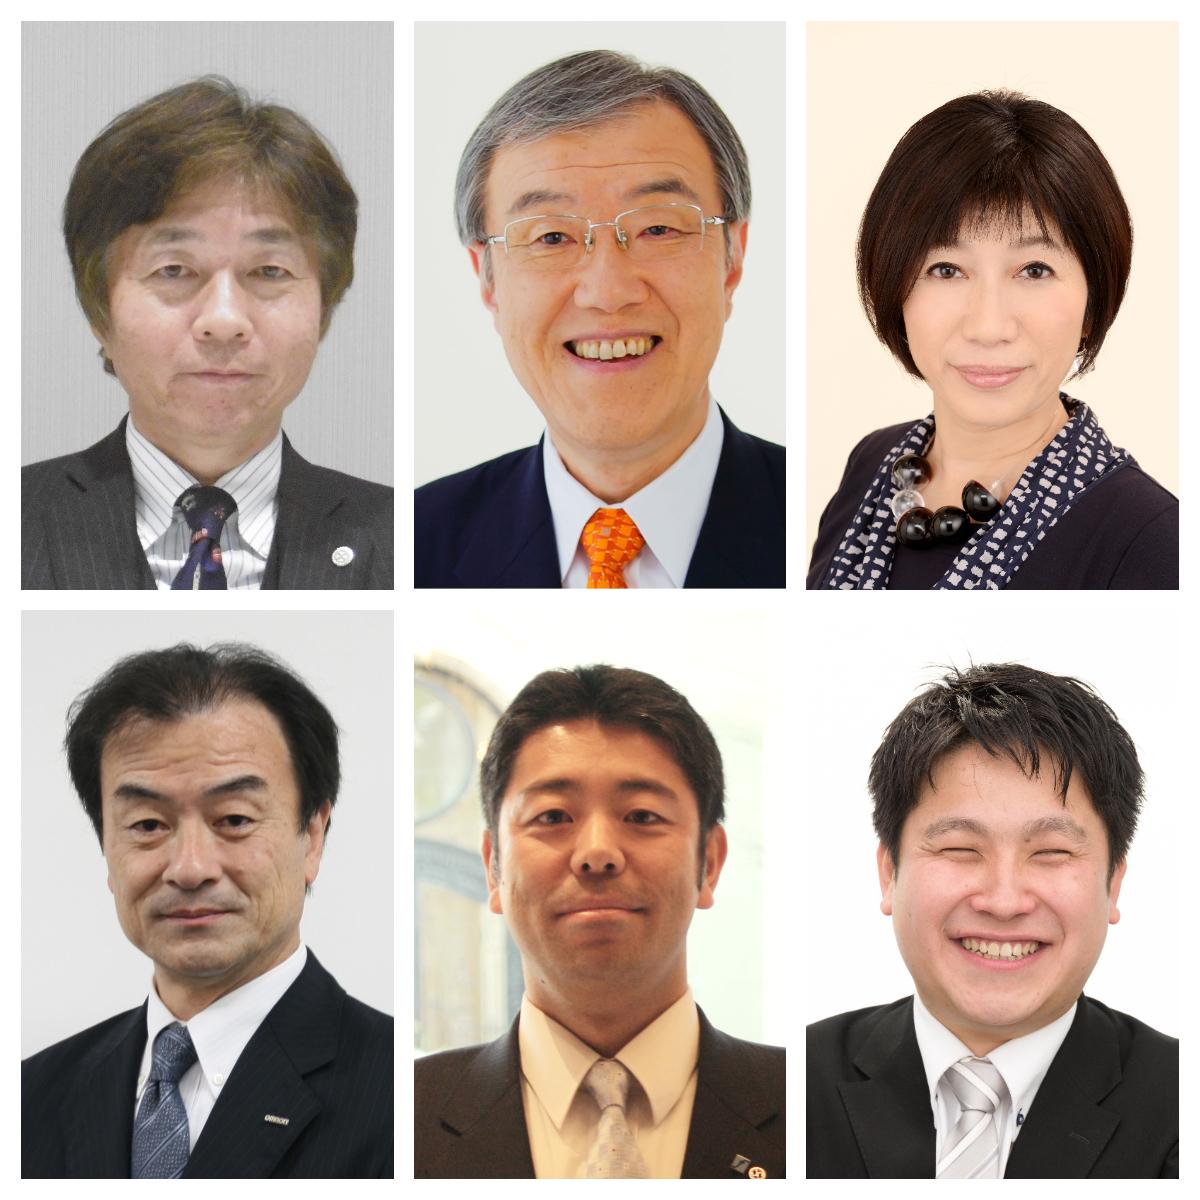 京都発 多様性×雇用創造 イニシアチブ キックオフシンポジウム「多様な生き方・働き方を実現する組織とは」